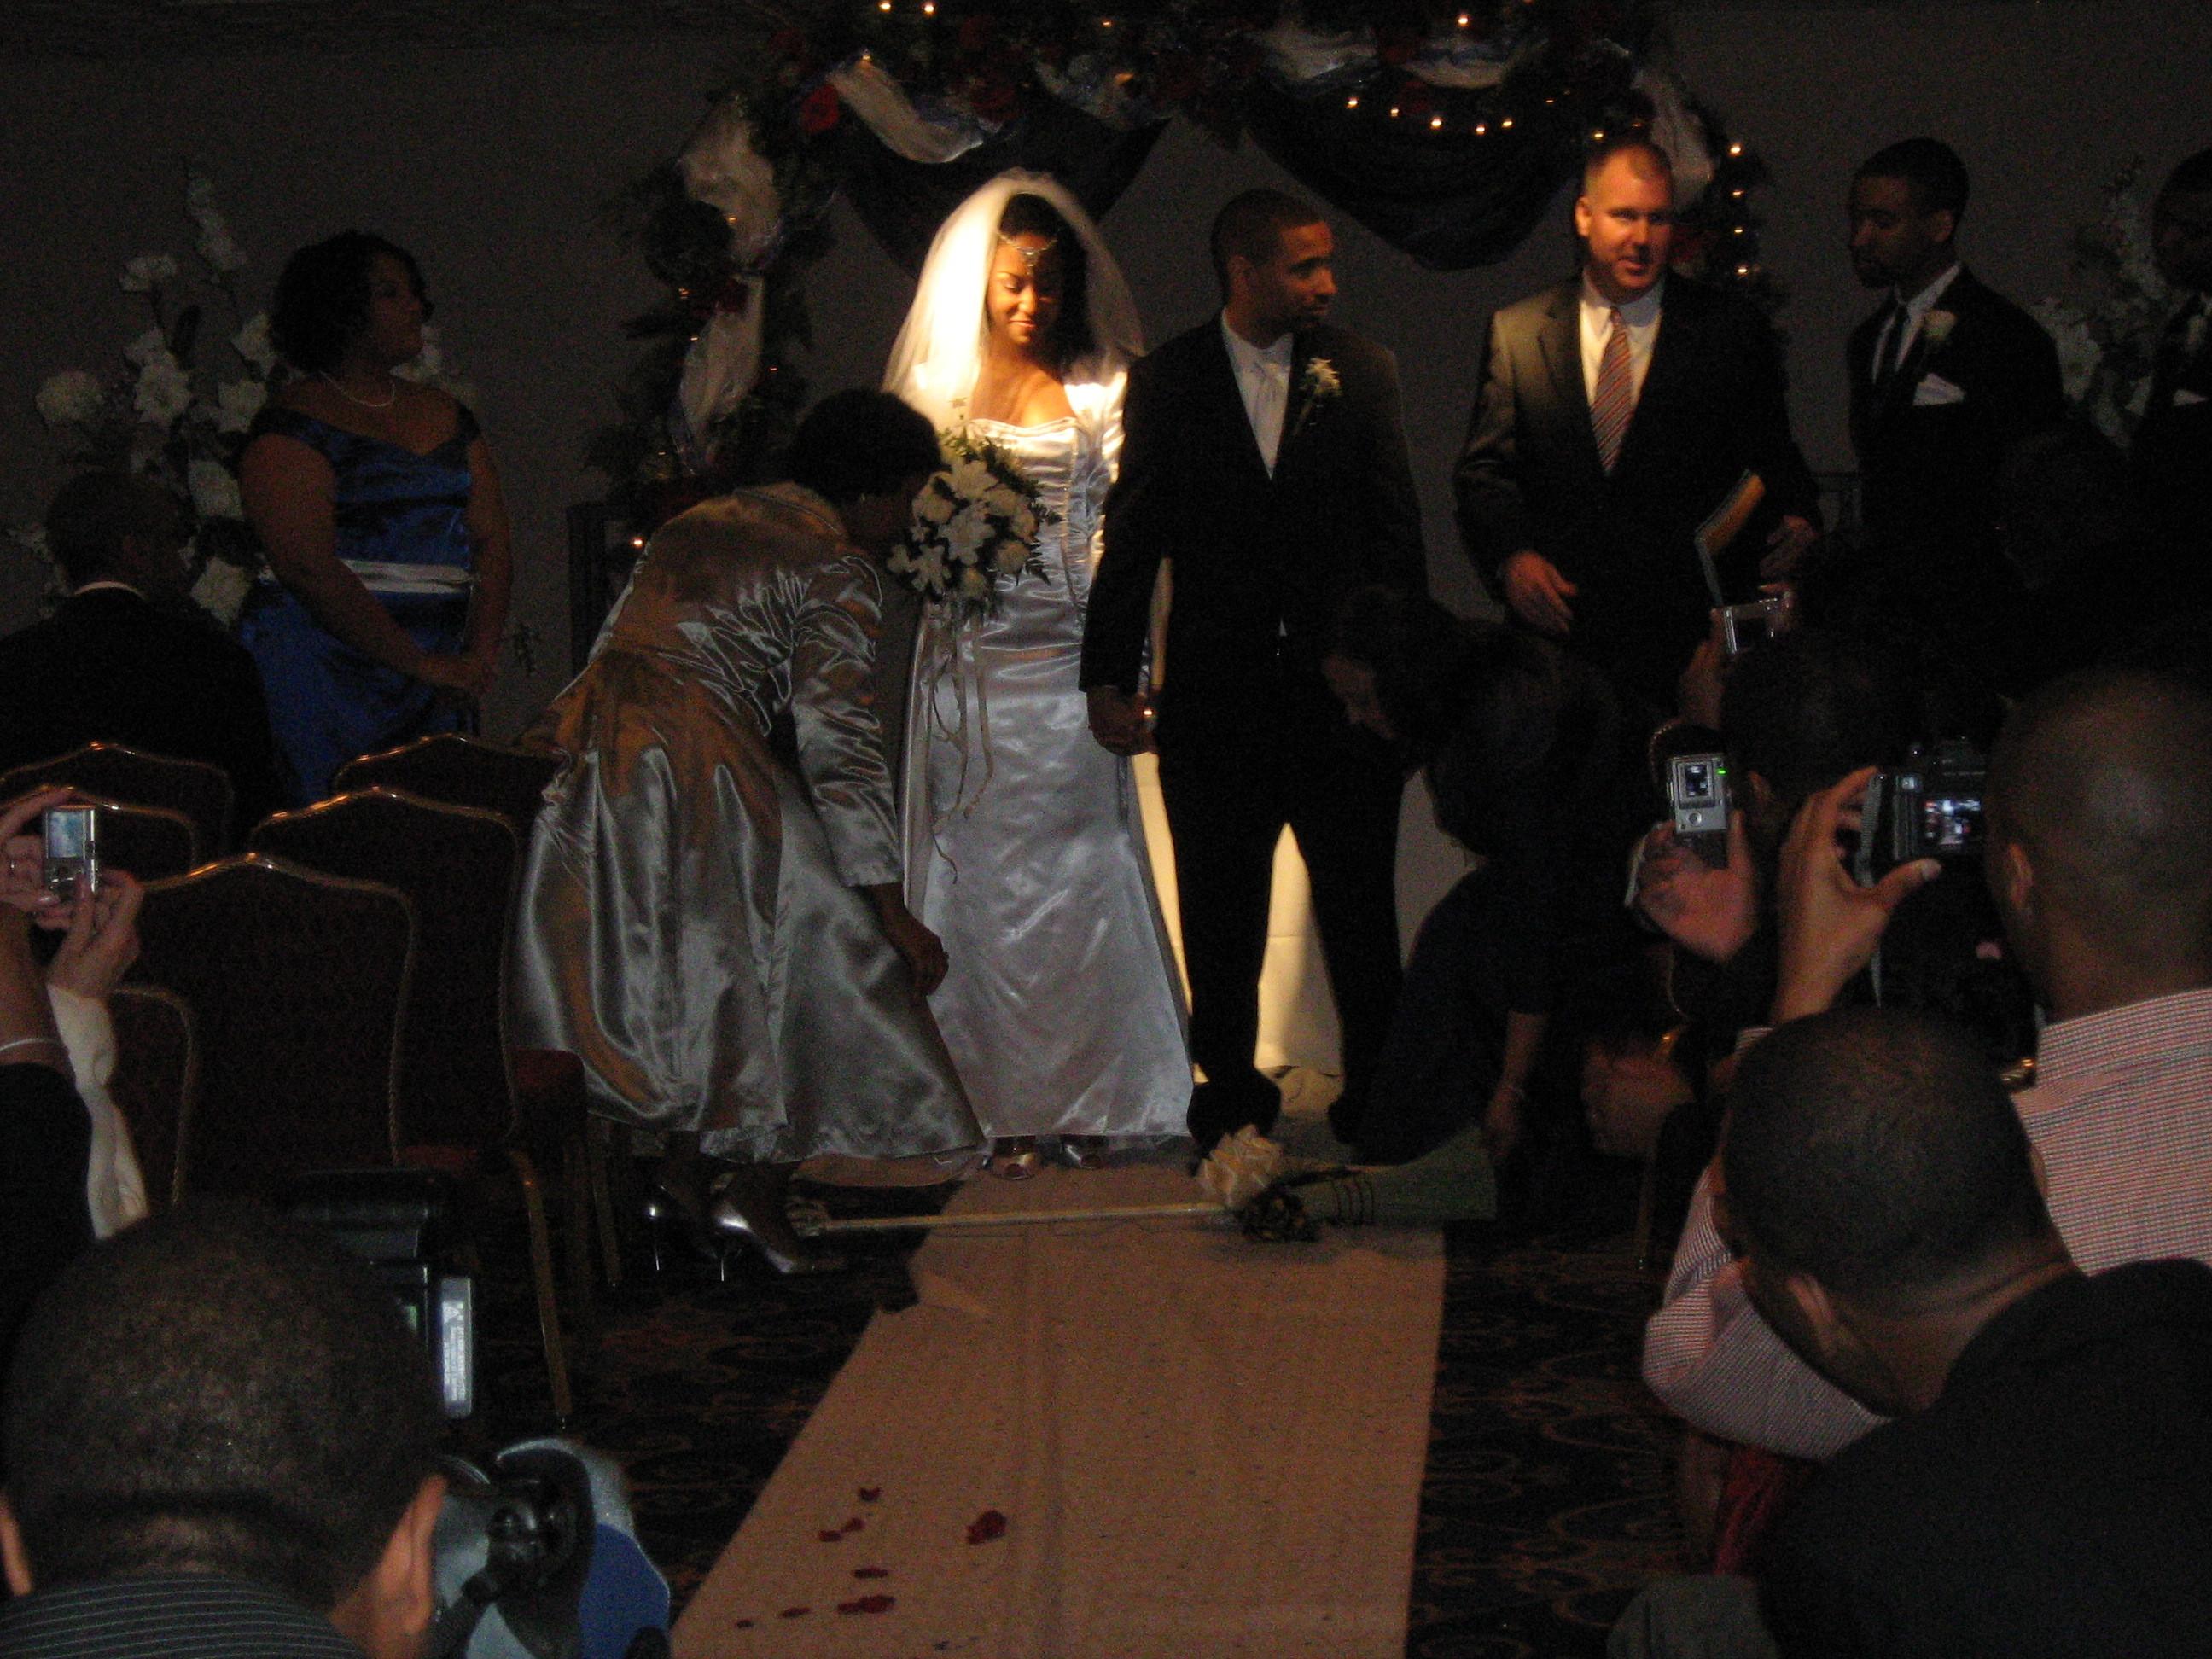 Chattanooga, Adagio weddings events, Jump the broom